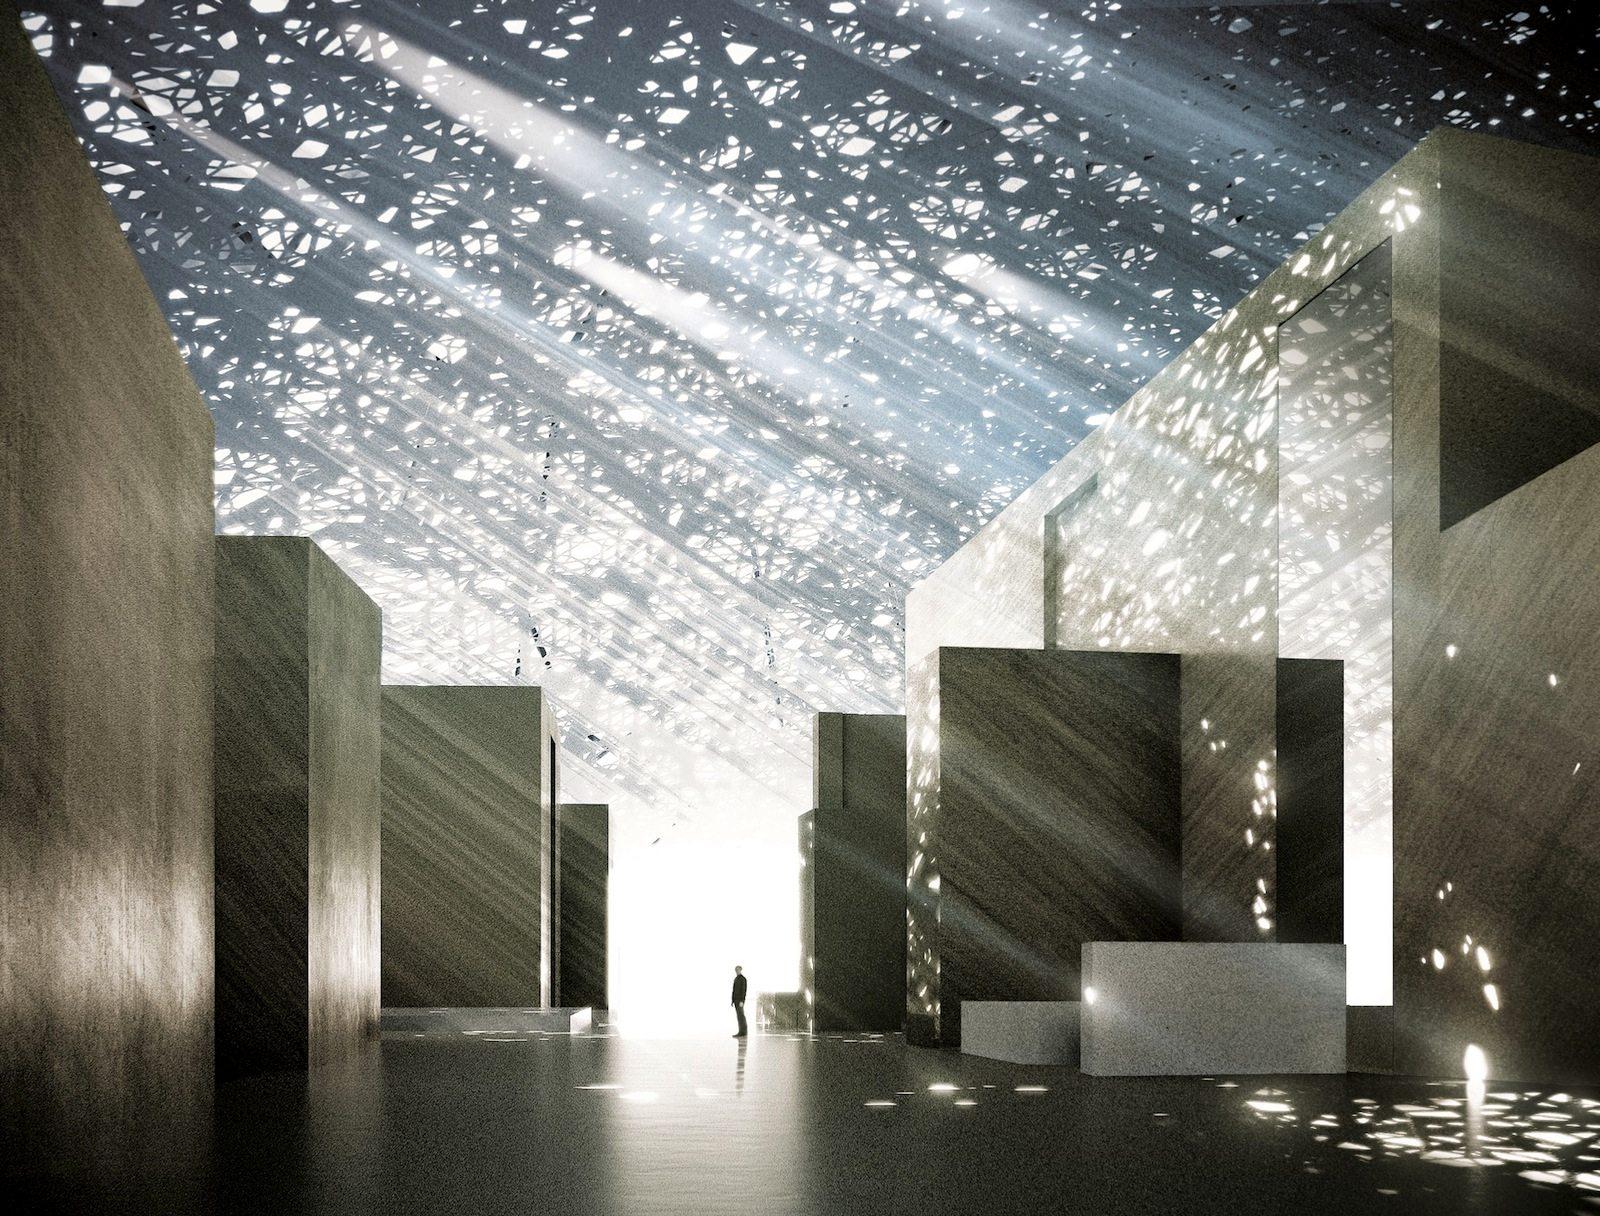 Lichtregen. Durch die perforierte Stahl-Aluminium-Kuppel fließt das Licht in den Innenraum des Museum.